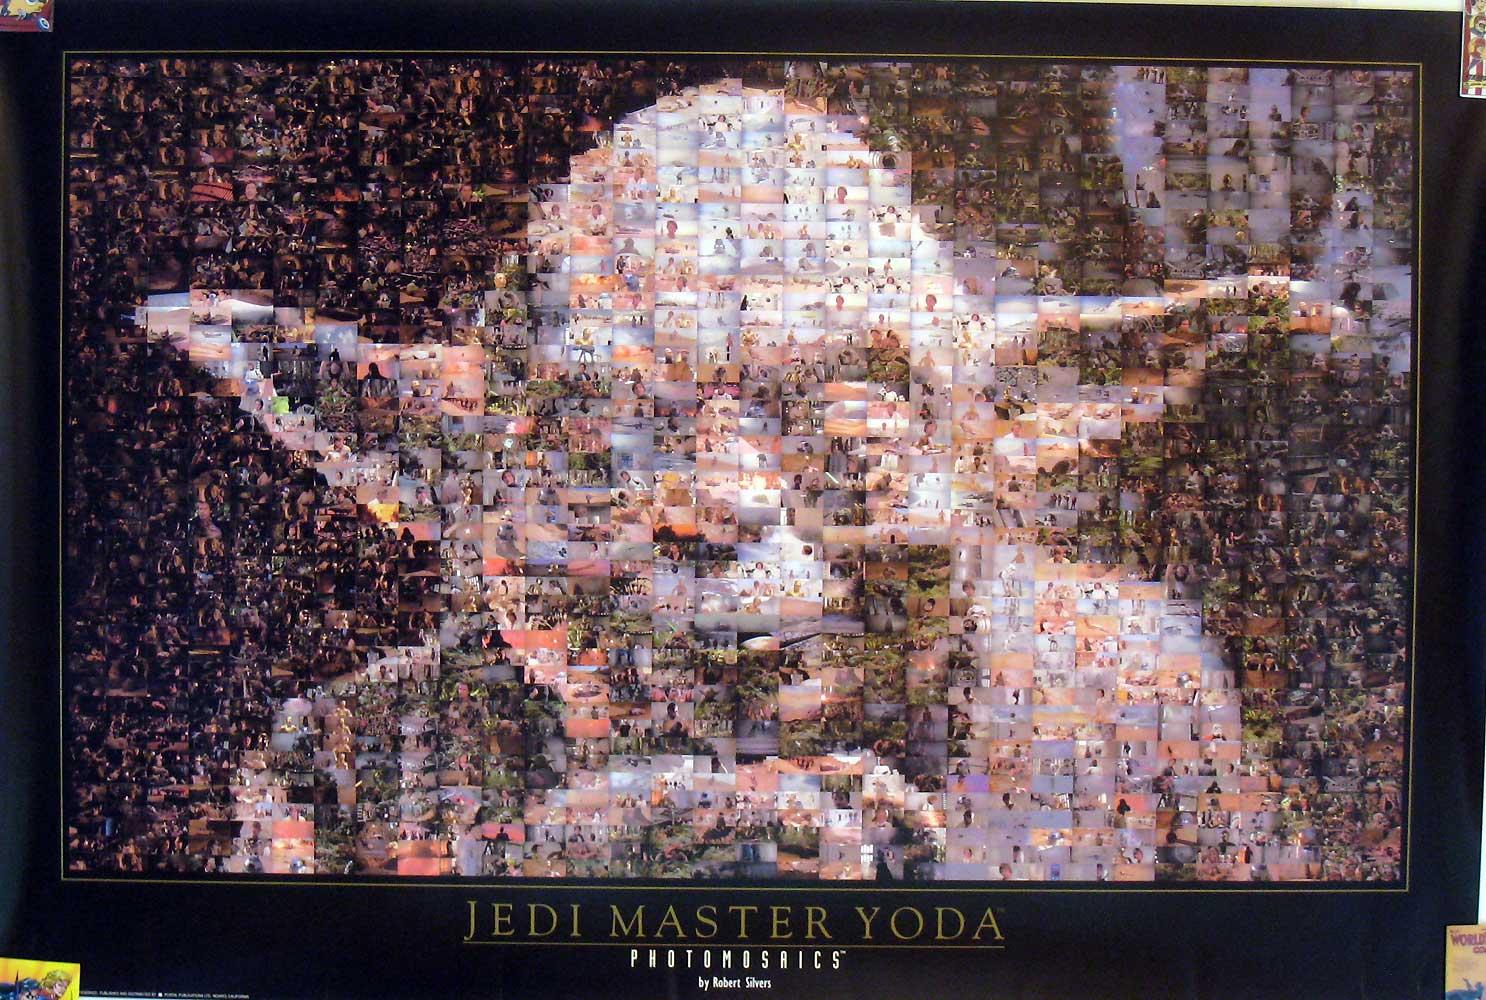 Yoda Photomosaics by Robert Silvers